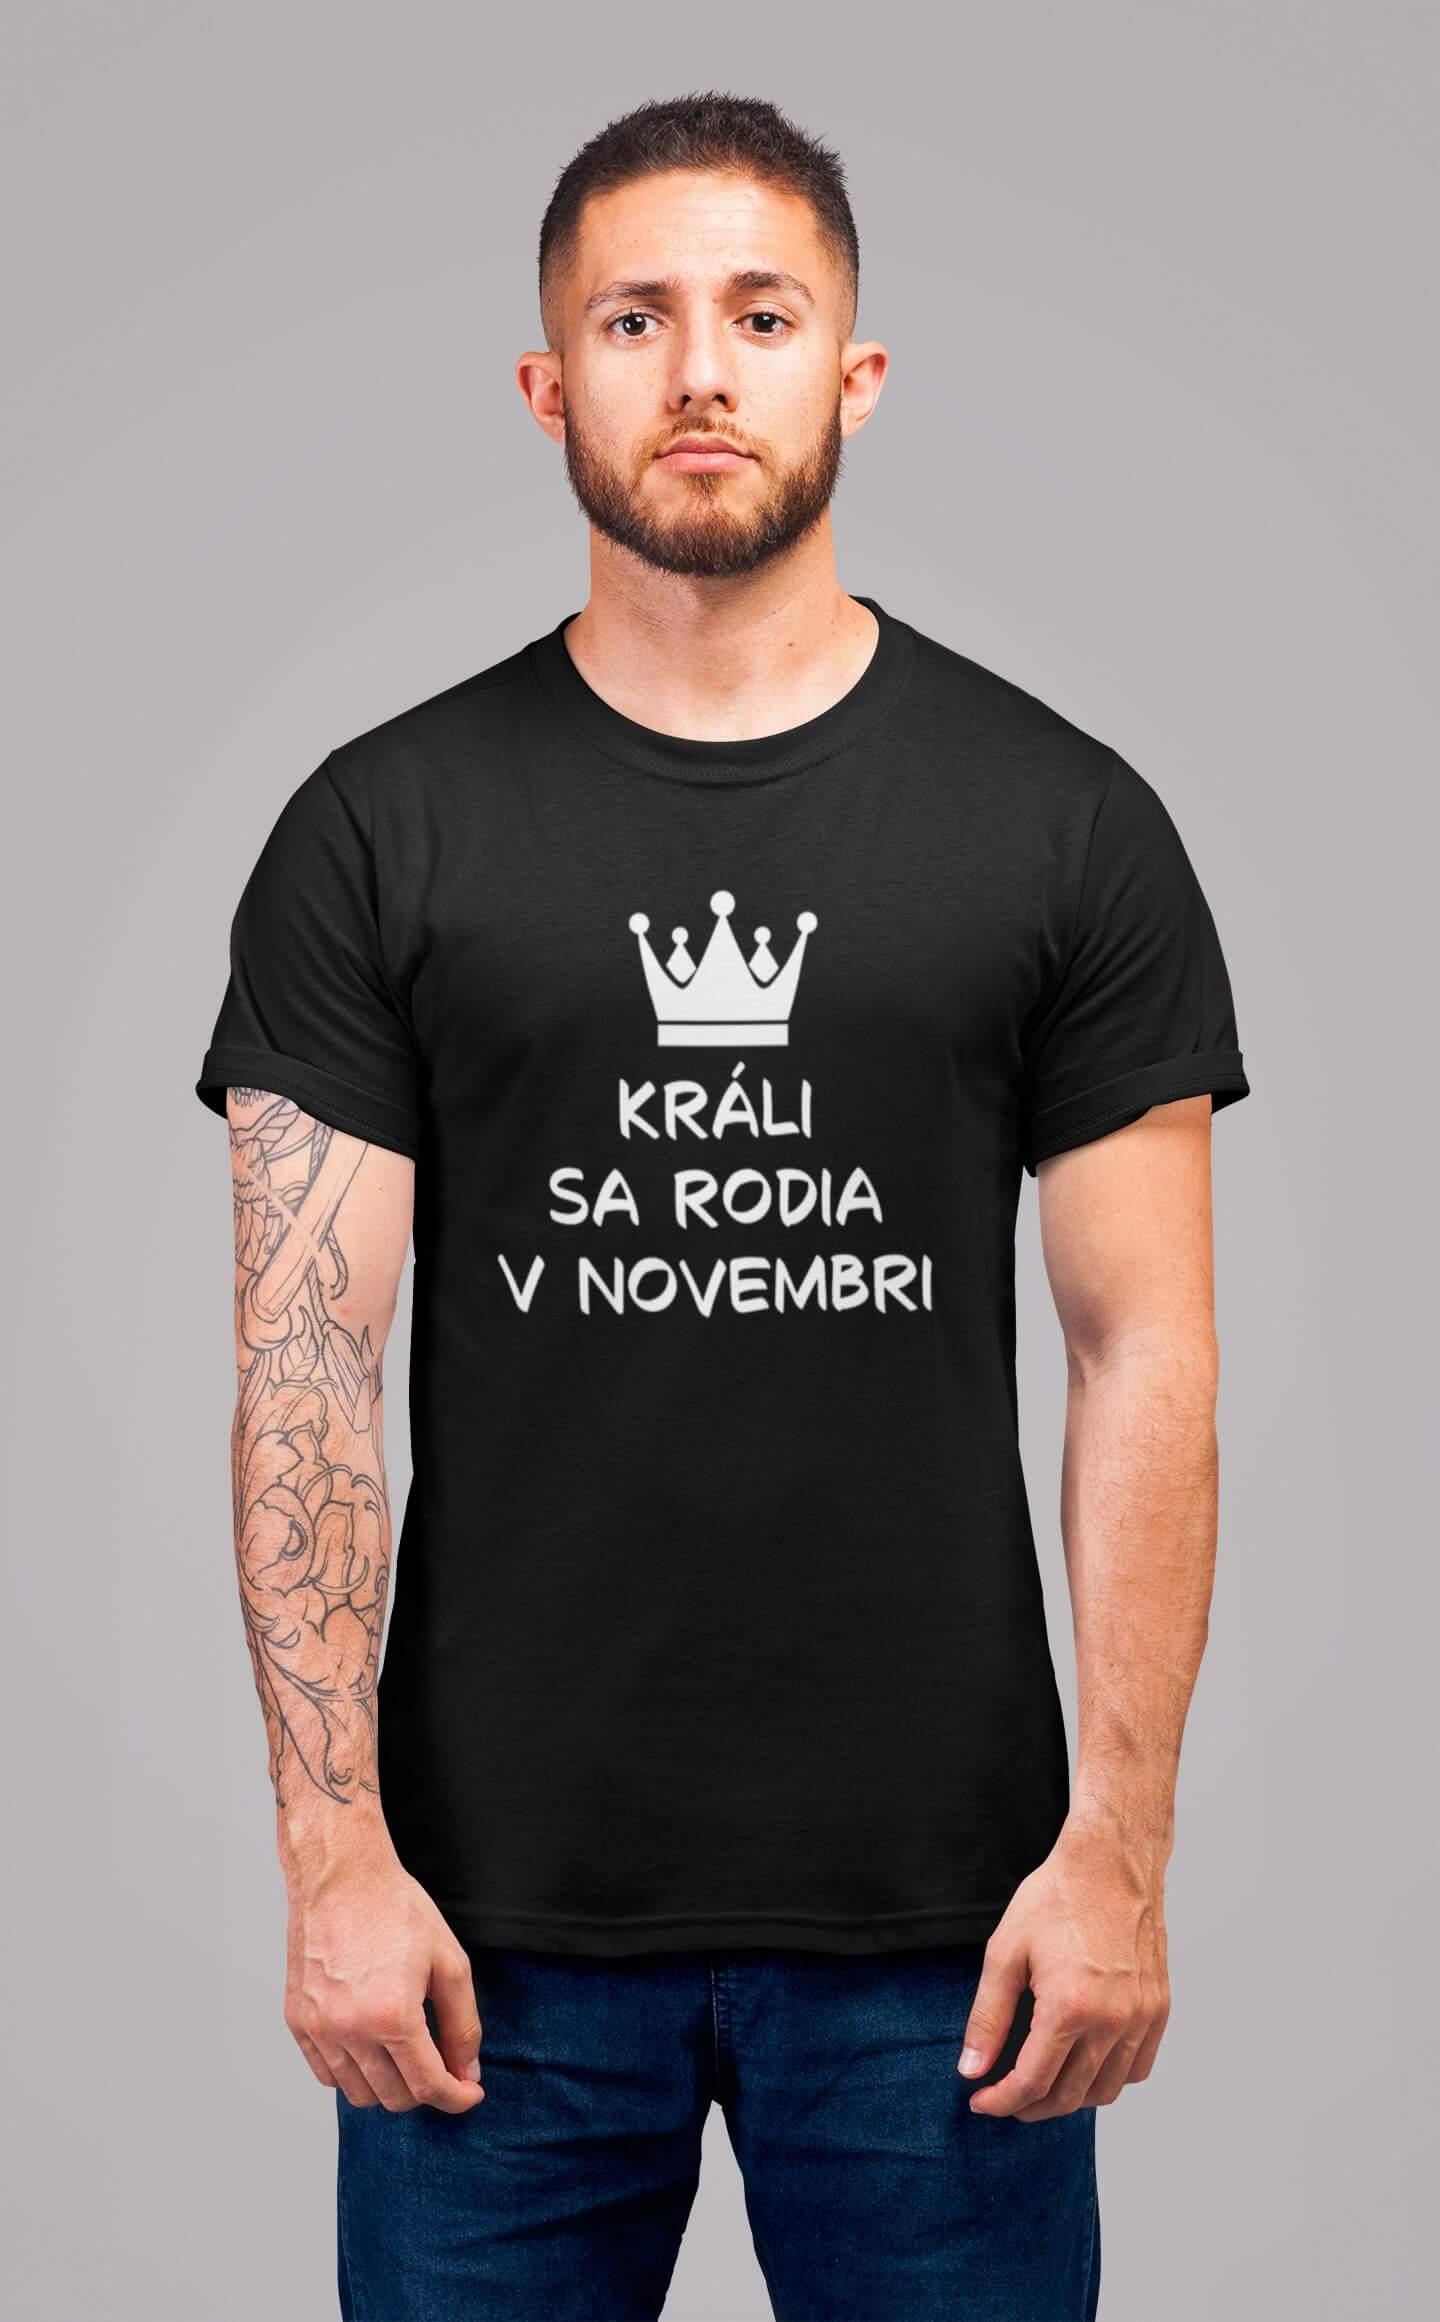 MMO Pánske tričko Králi sa rodia v novembri Vyberte farbu: Čierna, Vyberte veľkosť: L